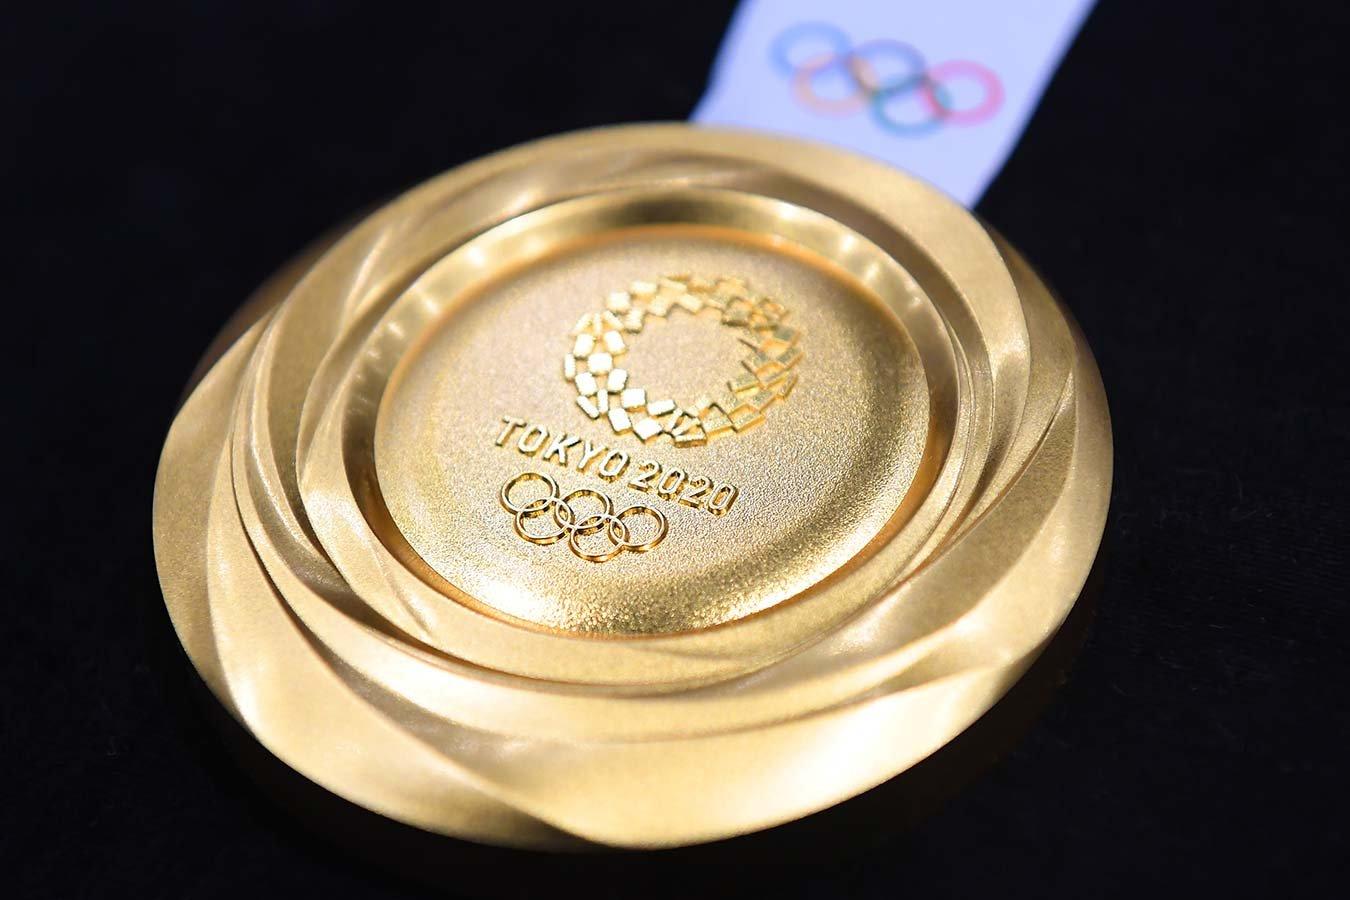 Петицию с призывом отменить Олимпиаду в Токио за два дня подписали 200 тыс. человек